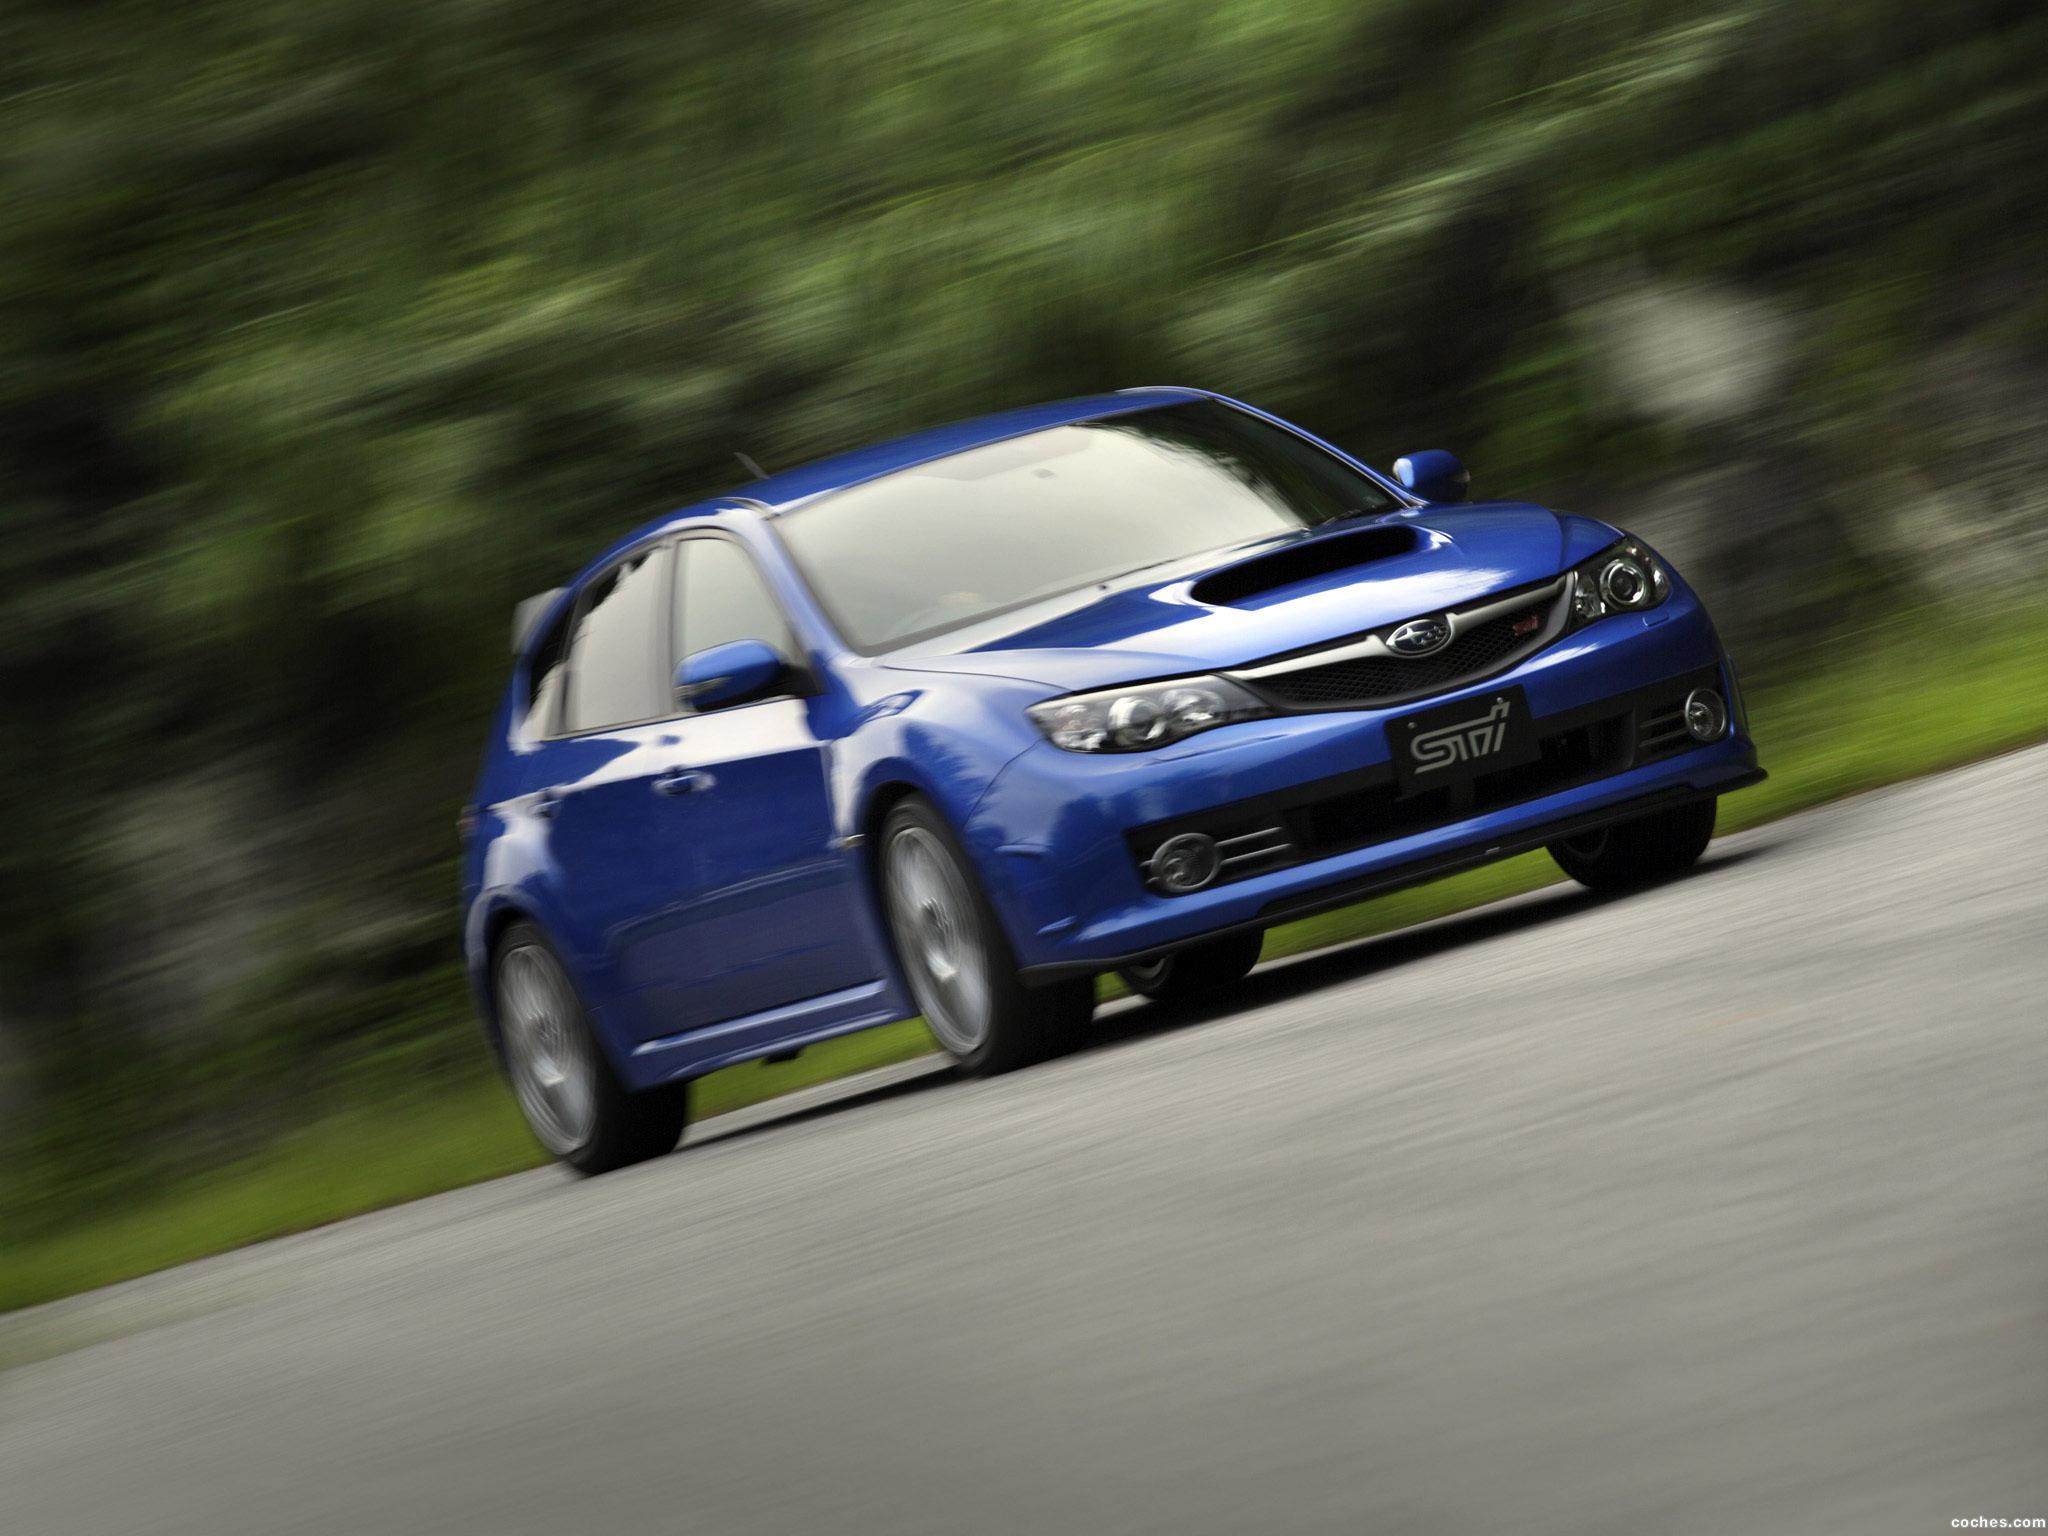 Foto 1 de Subaru Impreza WRX STi 20th Anniversary 2008